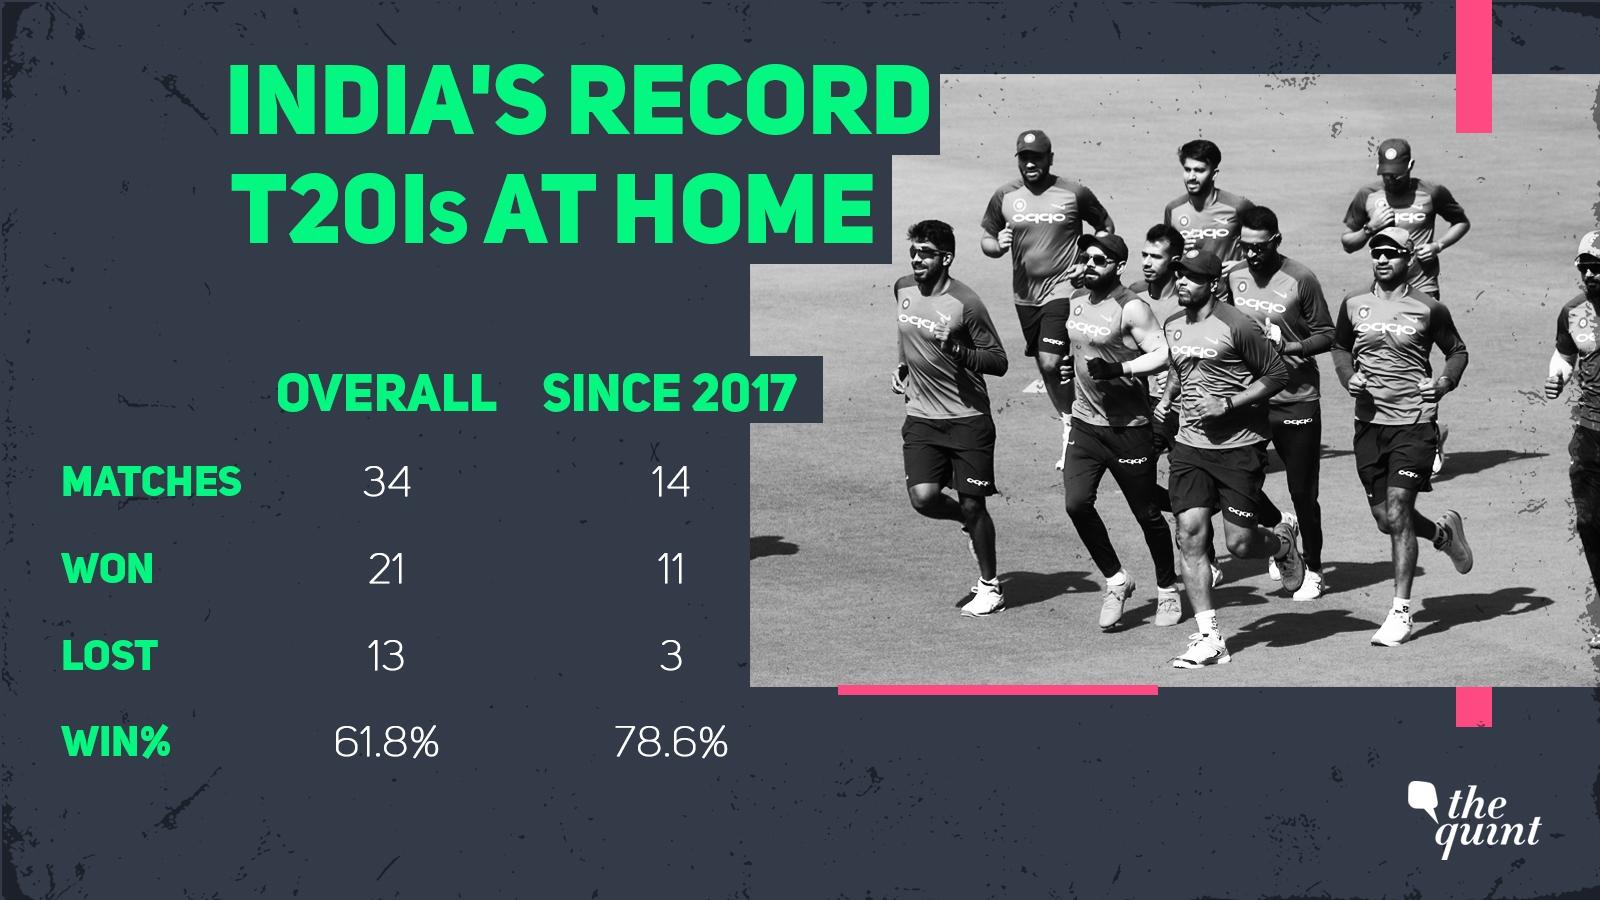 IPL 2019: Mumbai Indians Jasprit Bumrah Issues Warning to RCB's Virat Kohli